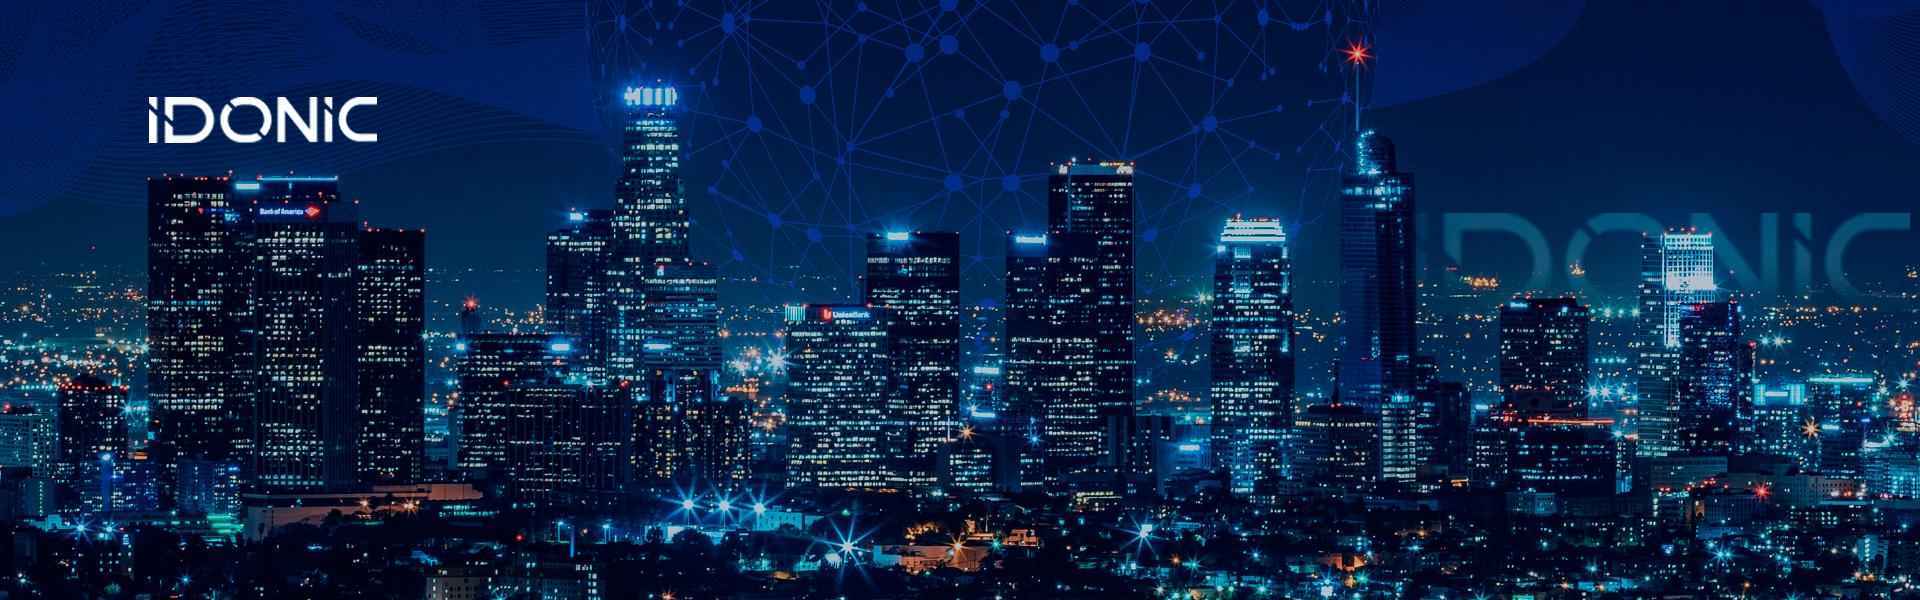 idonic-inteligência-artificial-nos-municípios